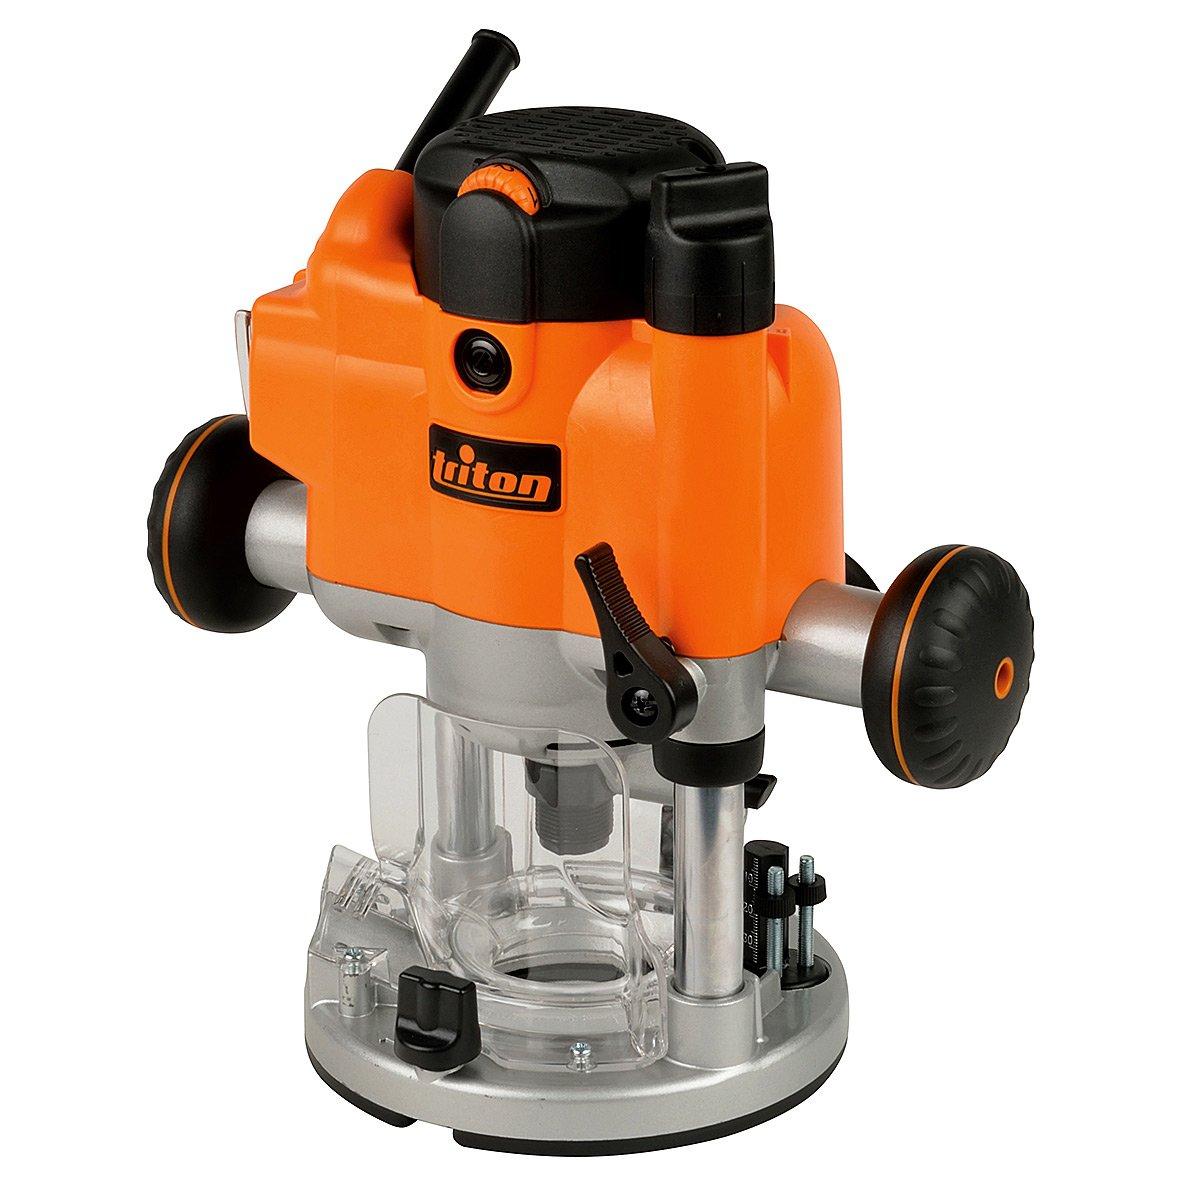 Triton 925837/JOF001 Dé fonceuse plongeante Compact Precision 1010 W